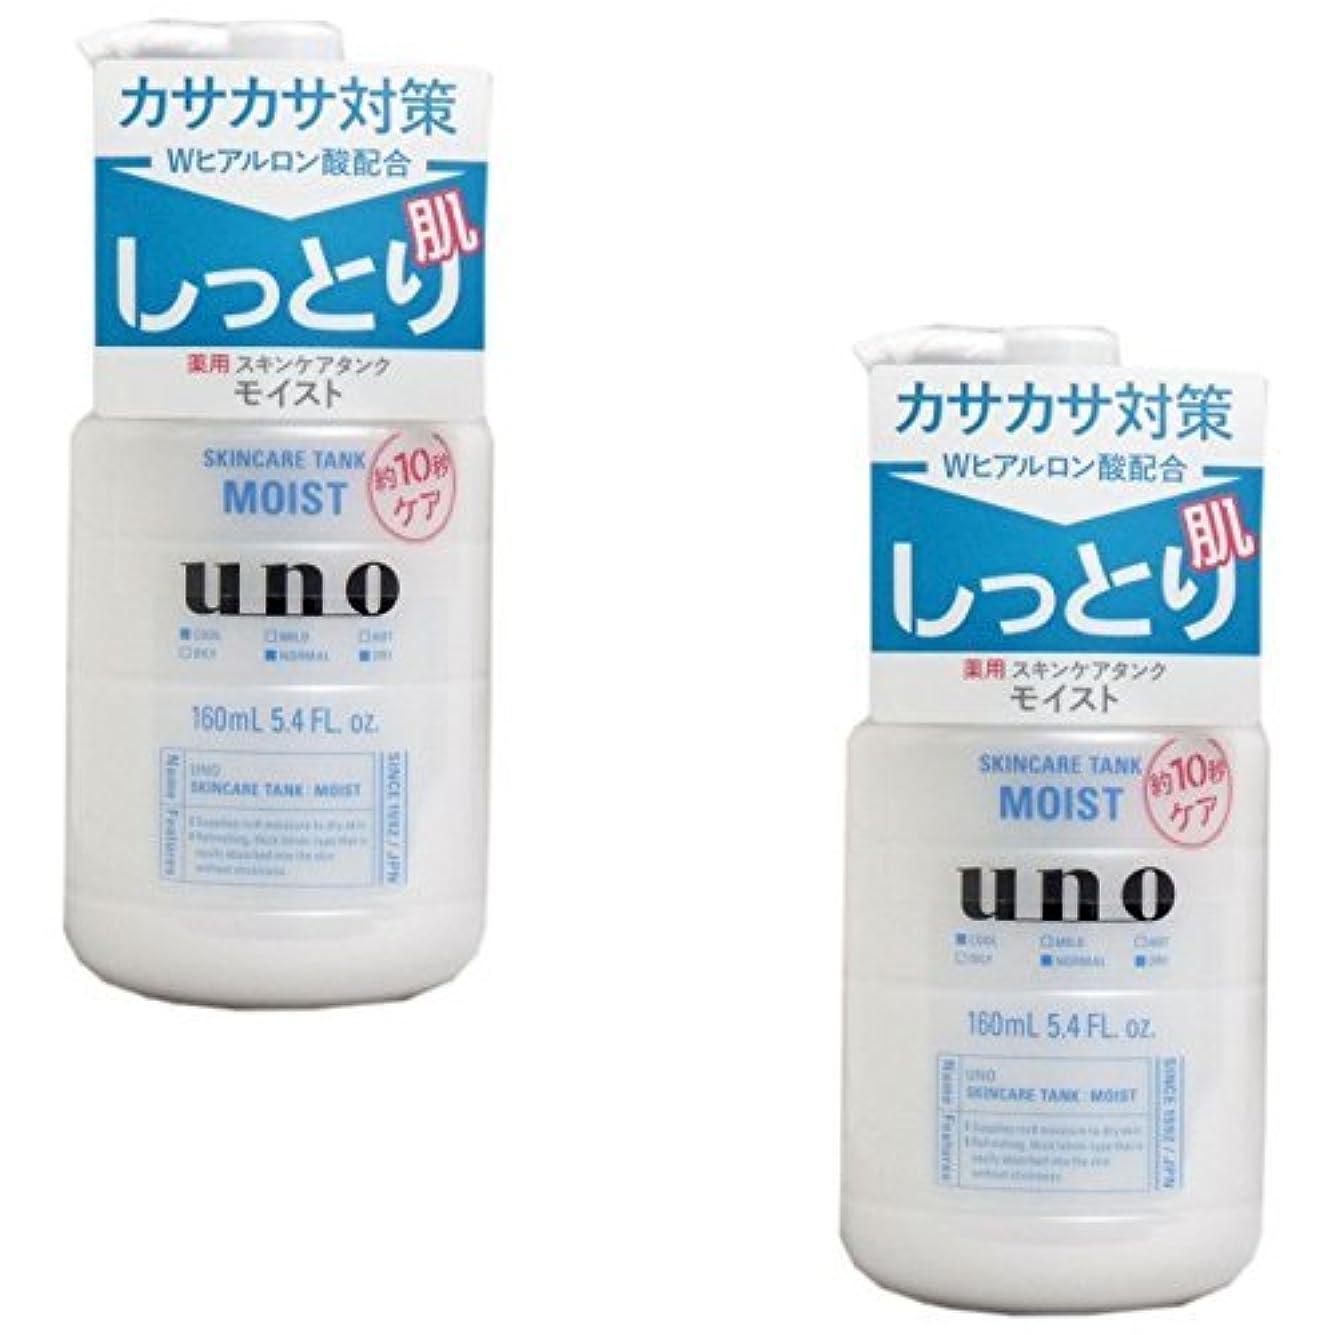 乱雑な素人織機【資生堂】ウーノ(uno) スキンケアタンク (しっとり) 160mL ×2個セット